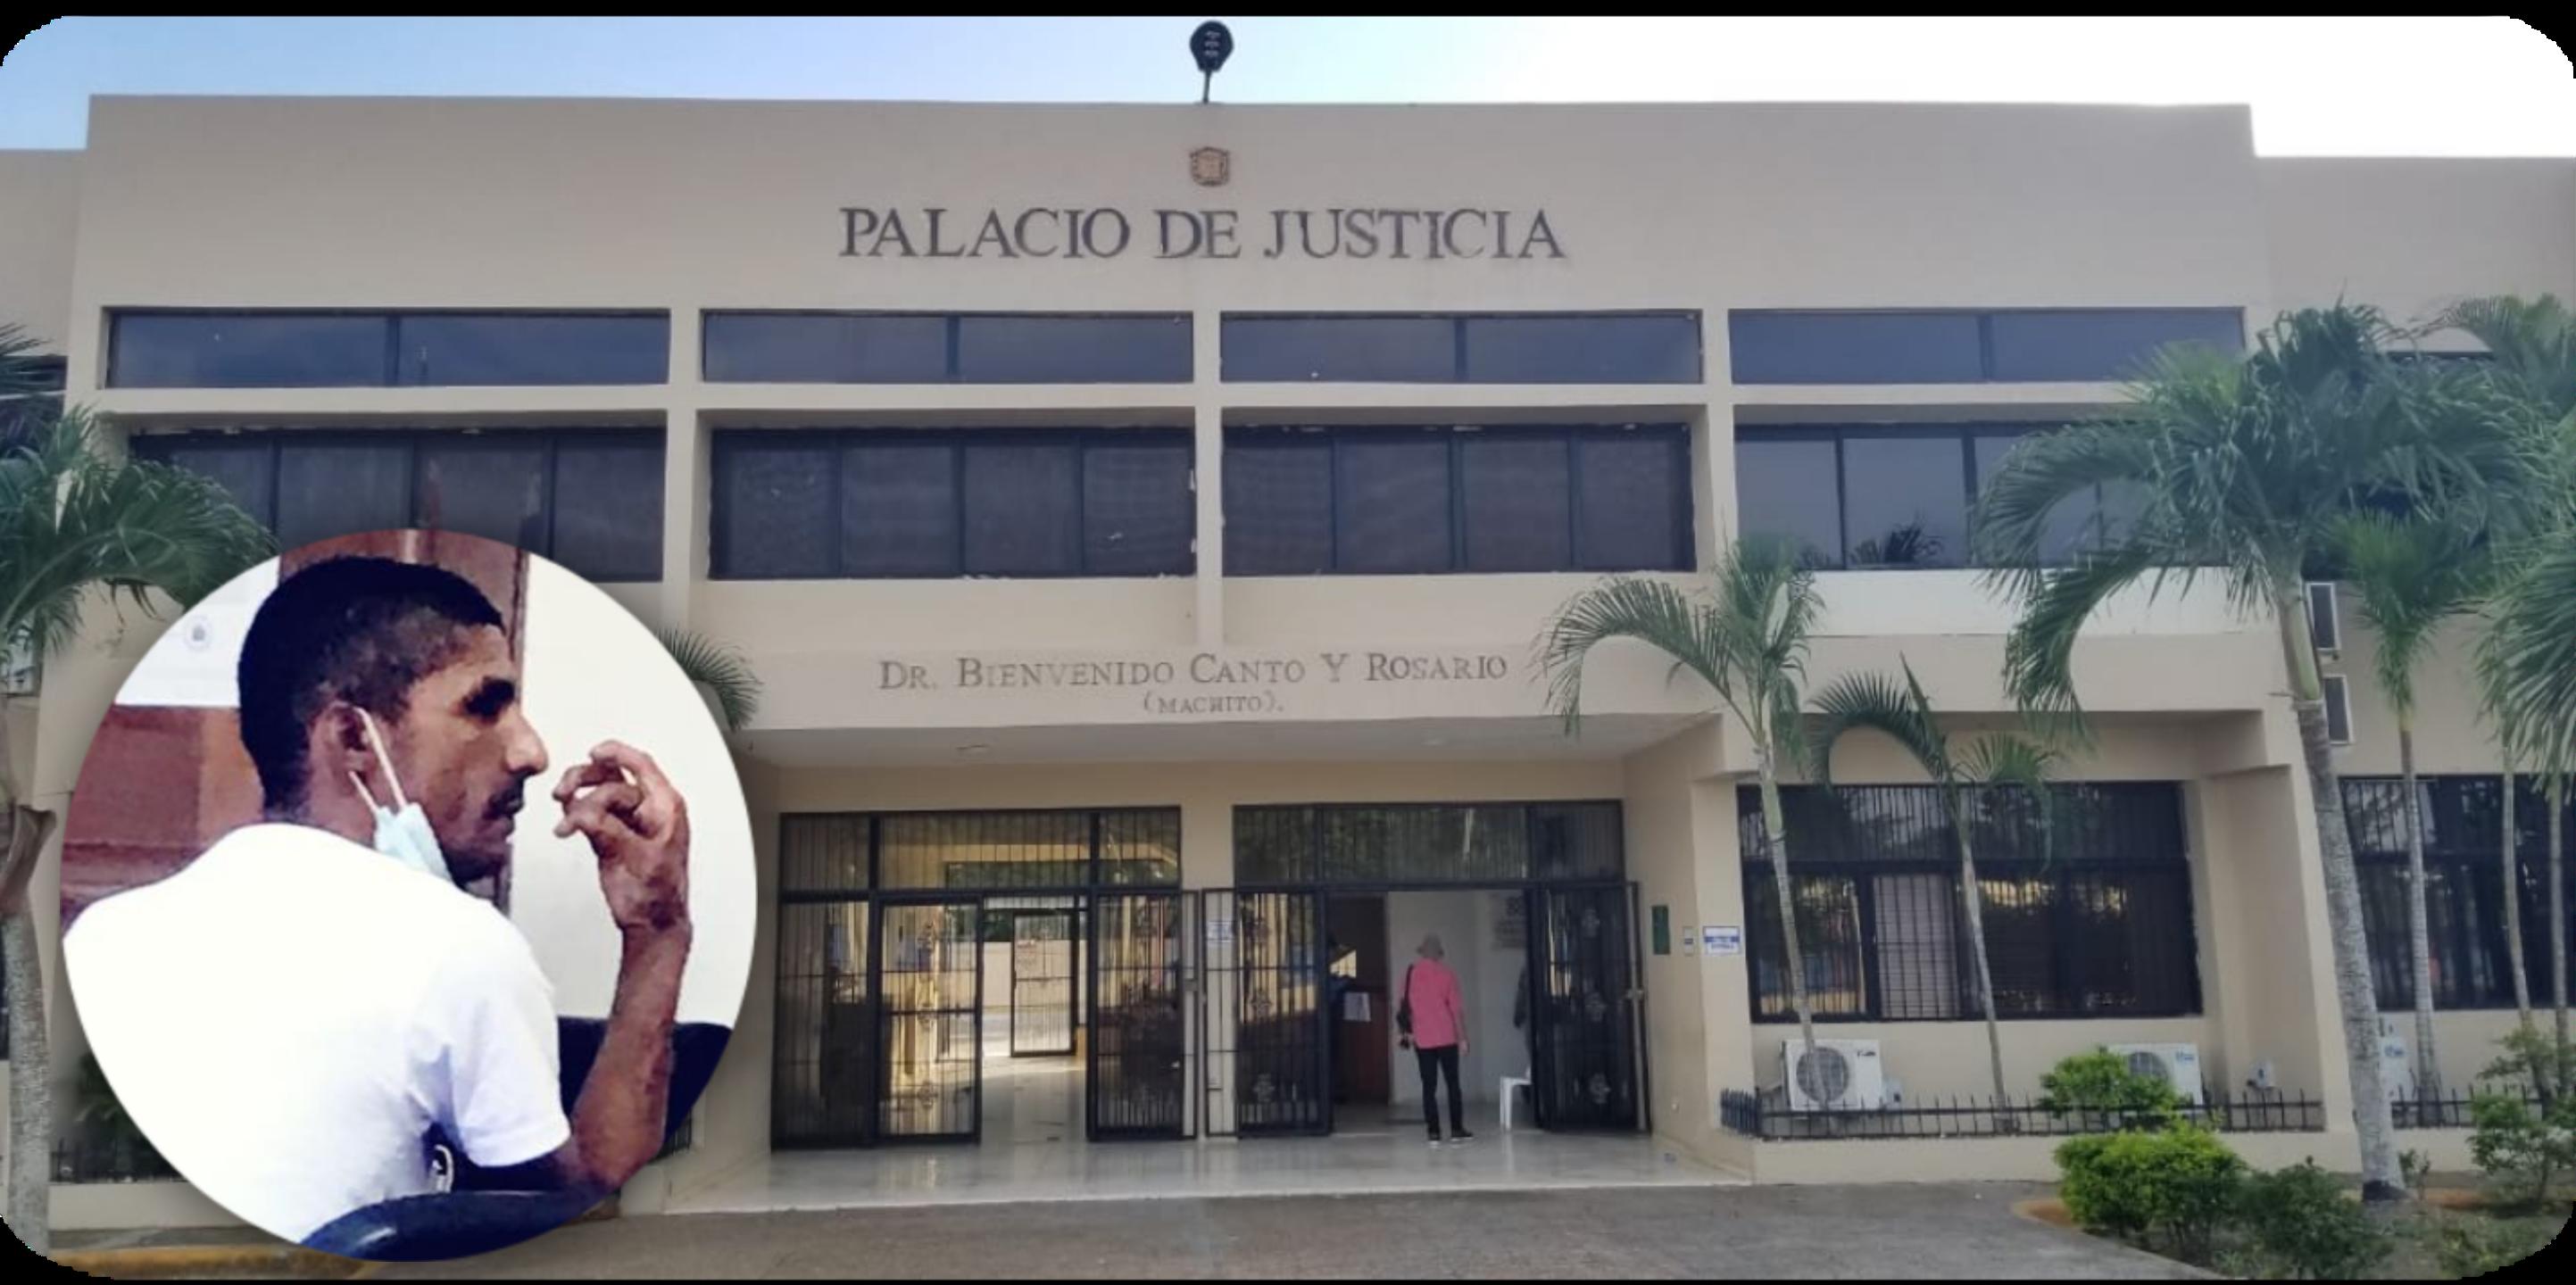 Condenan a dos años de prisión a Yino por amenaza y porte de arma ilegar en Hato Mayor